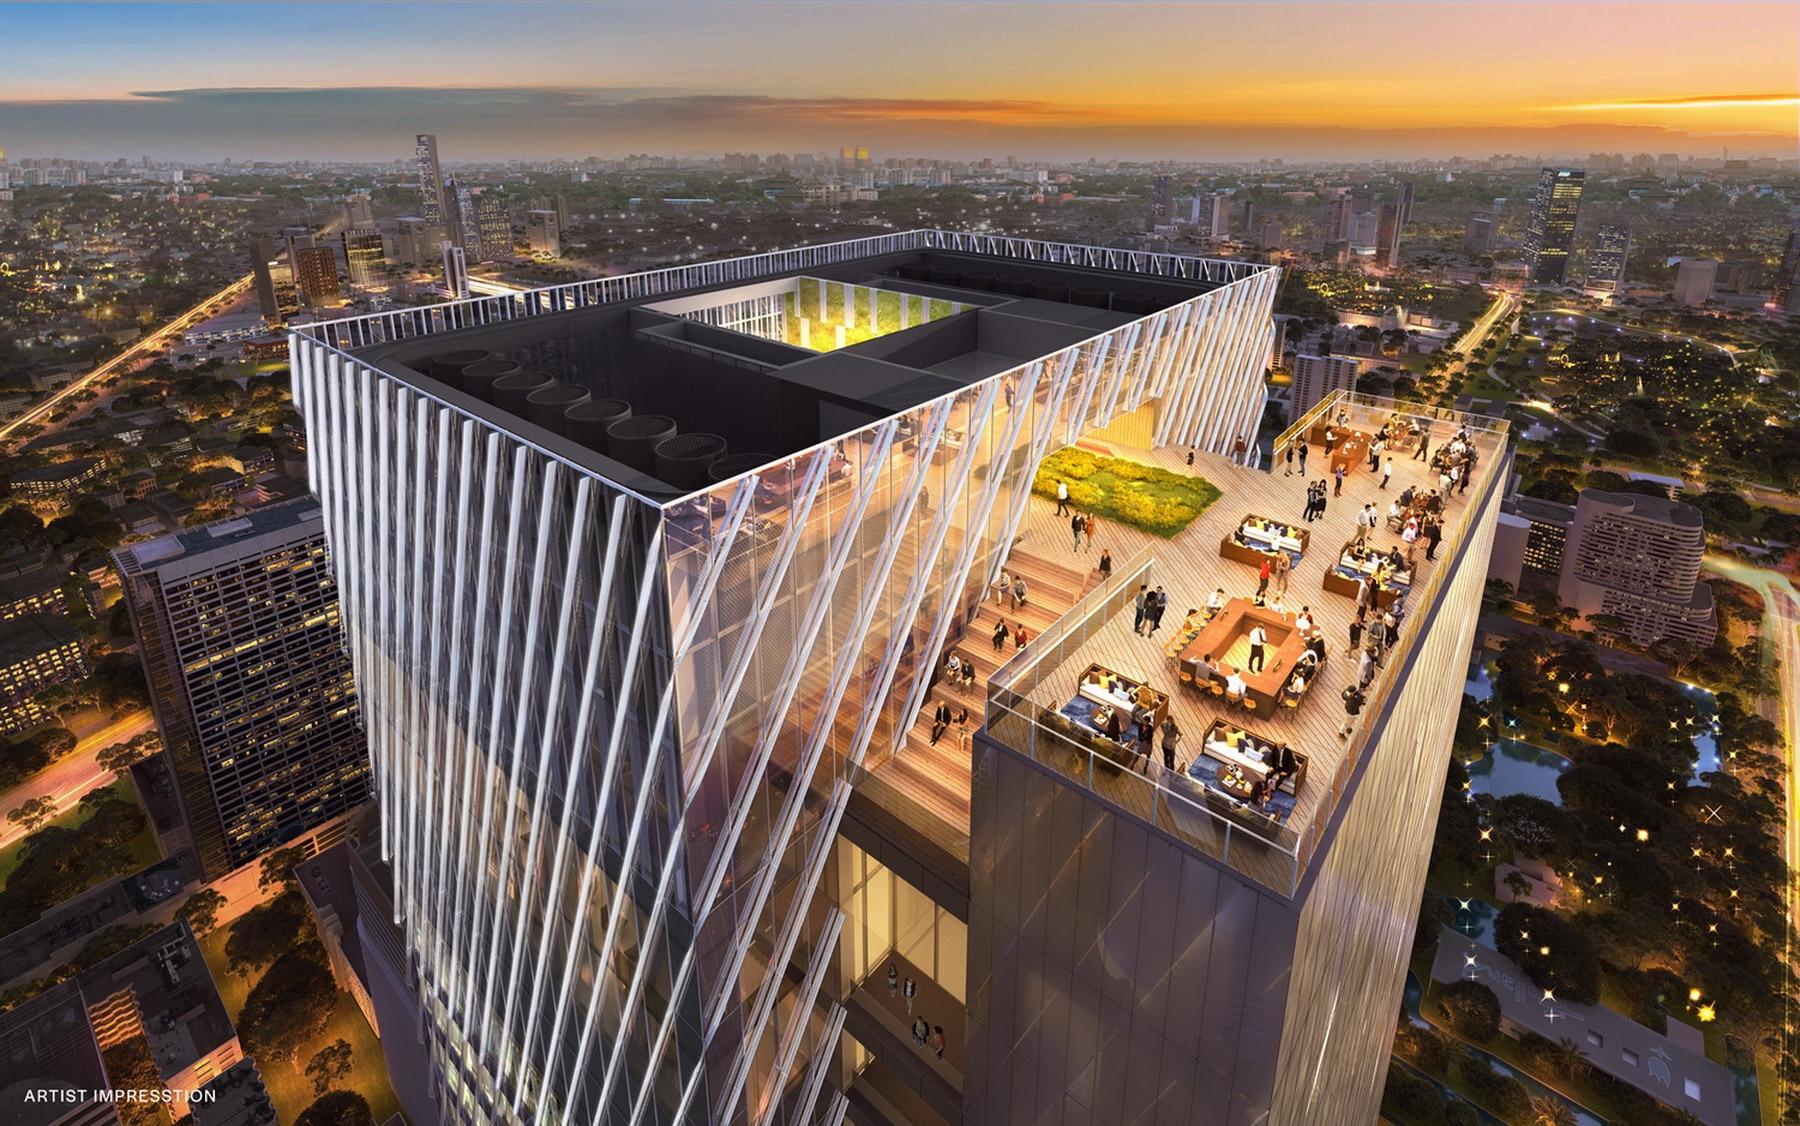 RMLดึง มิตซูบิชิ เอสเตทร่วมทุนOne City Centreเสริมแกร่ง   Prop2Morrow บ้าน คอนโด ข่าวอสังหาฯ